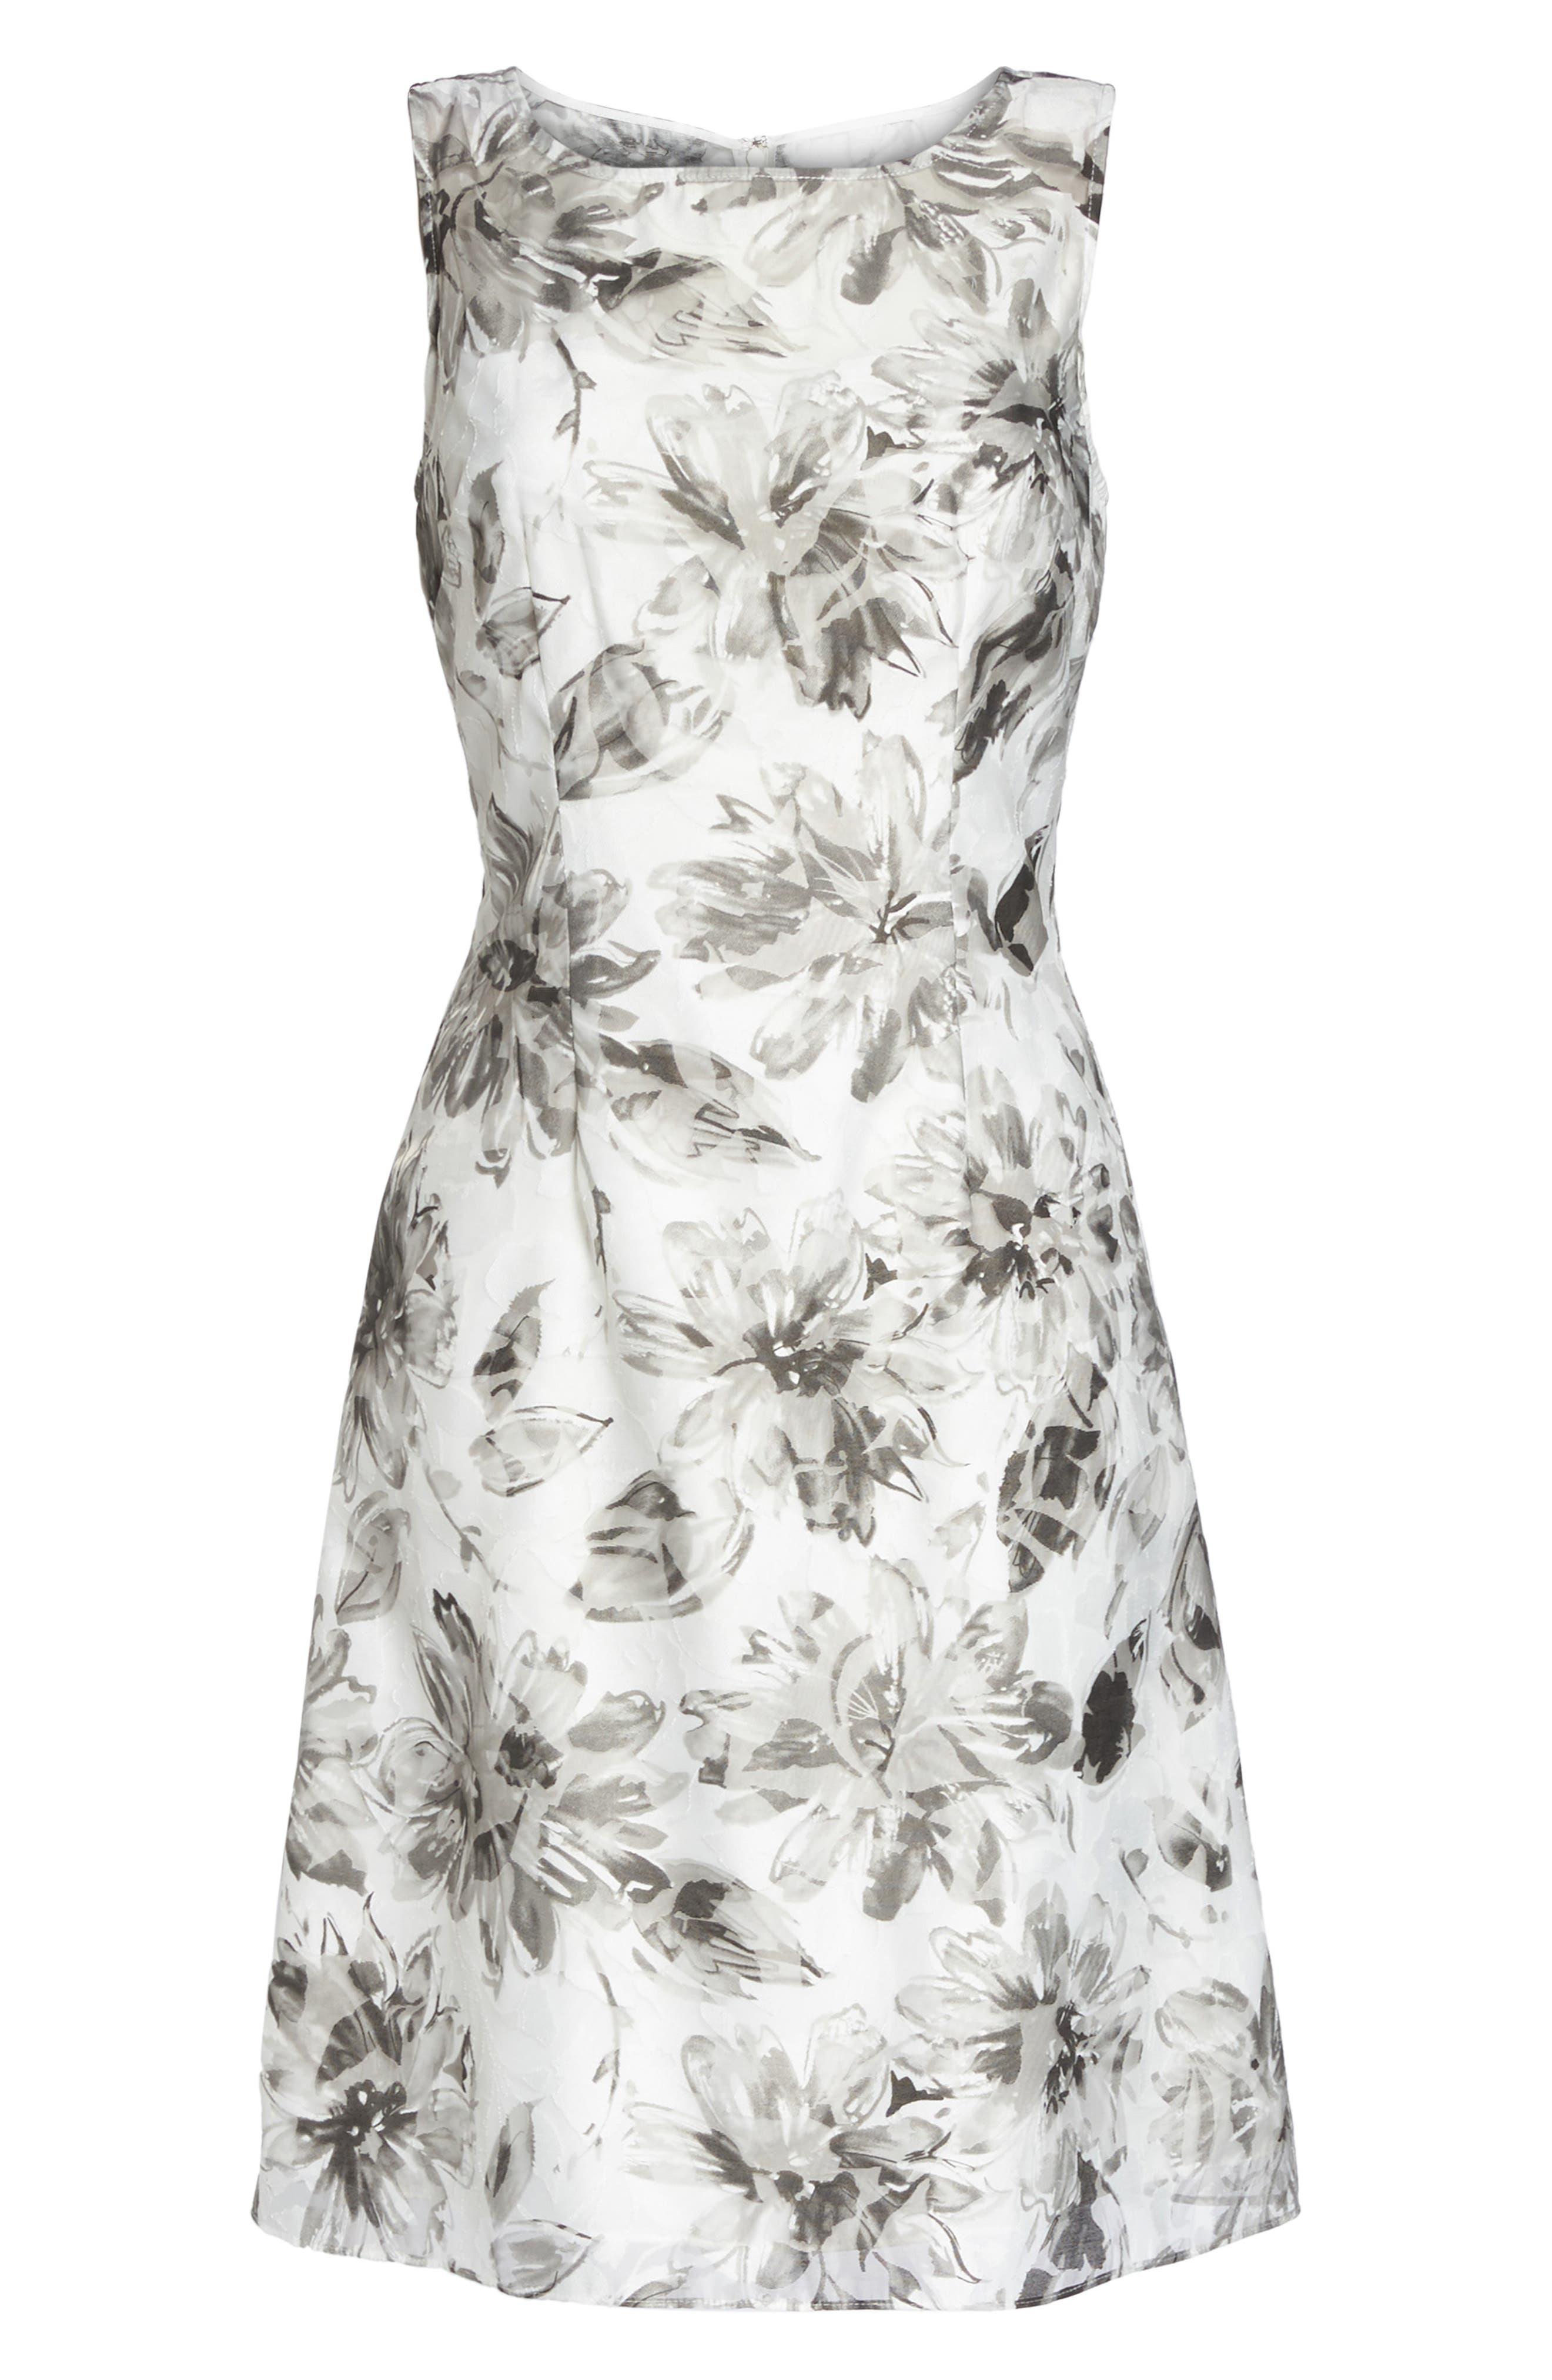 Burnout A-Line Dress,                             Alternate thumbnail 6, color,                             160